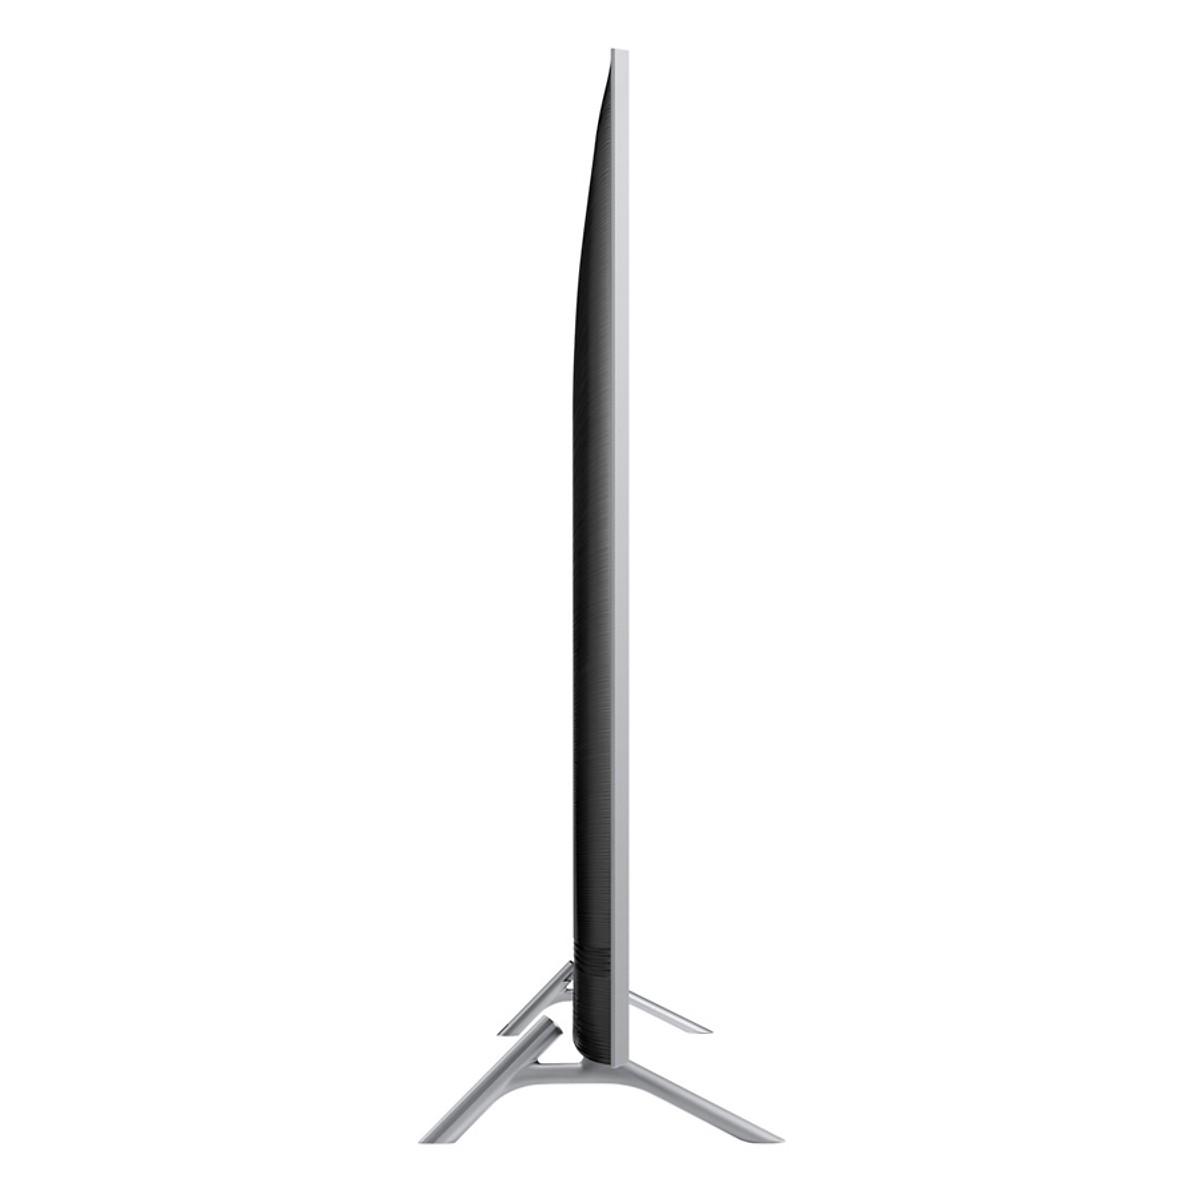 Smart Tivi QLED Samsung 82 inch 4K UHD QA82Q65RAKXXV - Hàng Chính Hãng + Tặng Khung Treo Cố Định